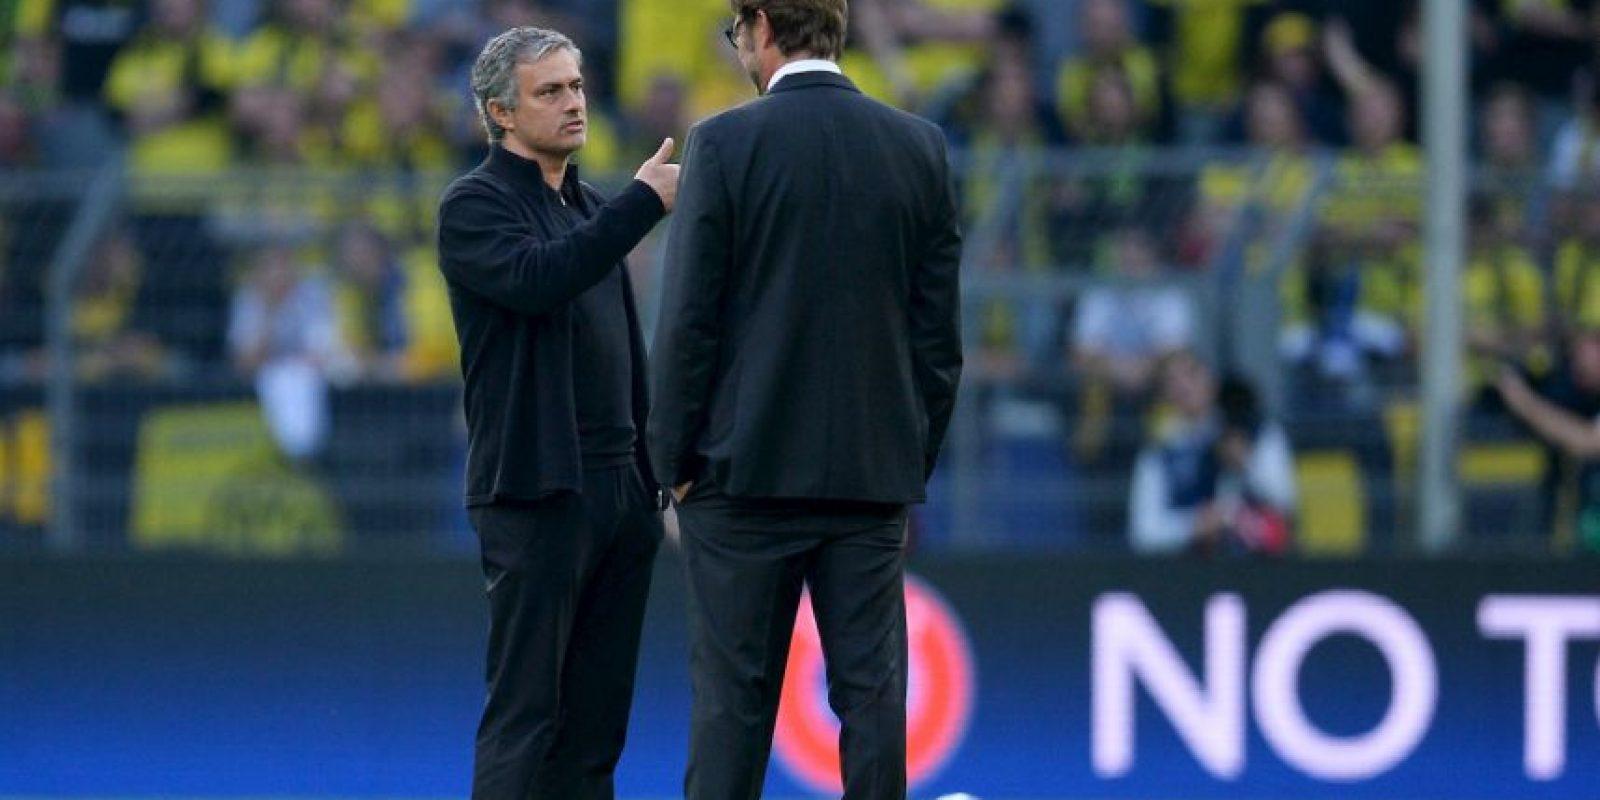 En 2013, Klopp y el Dortmund eliminaron en la semifinal de Champions League al Real Madrid de Mourinho. Foto:Getty Images